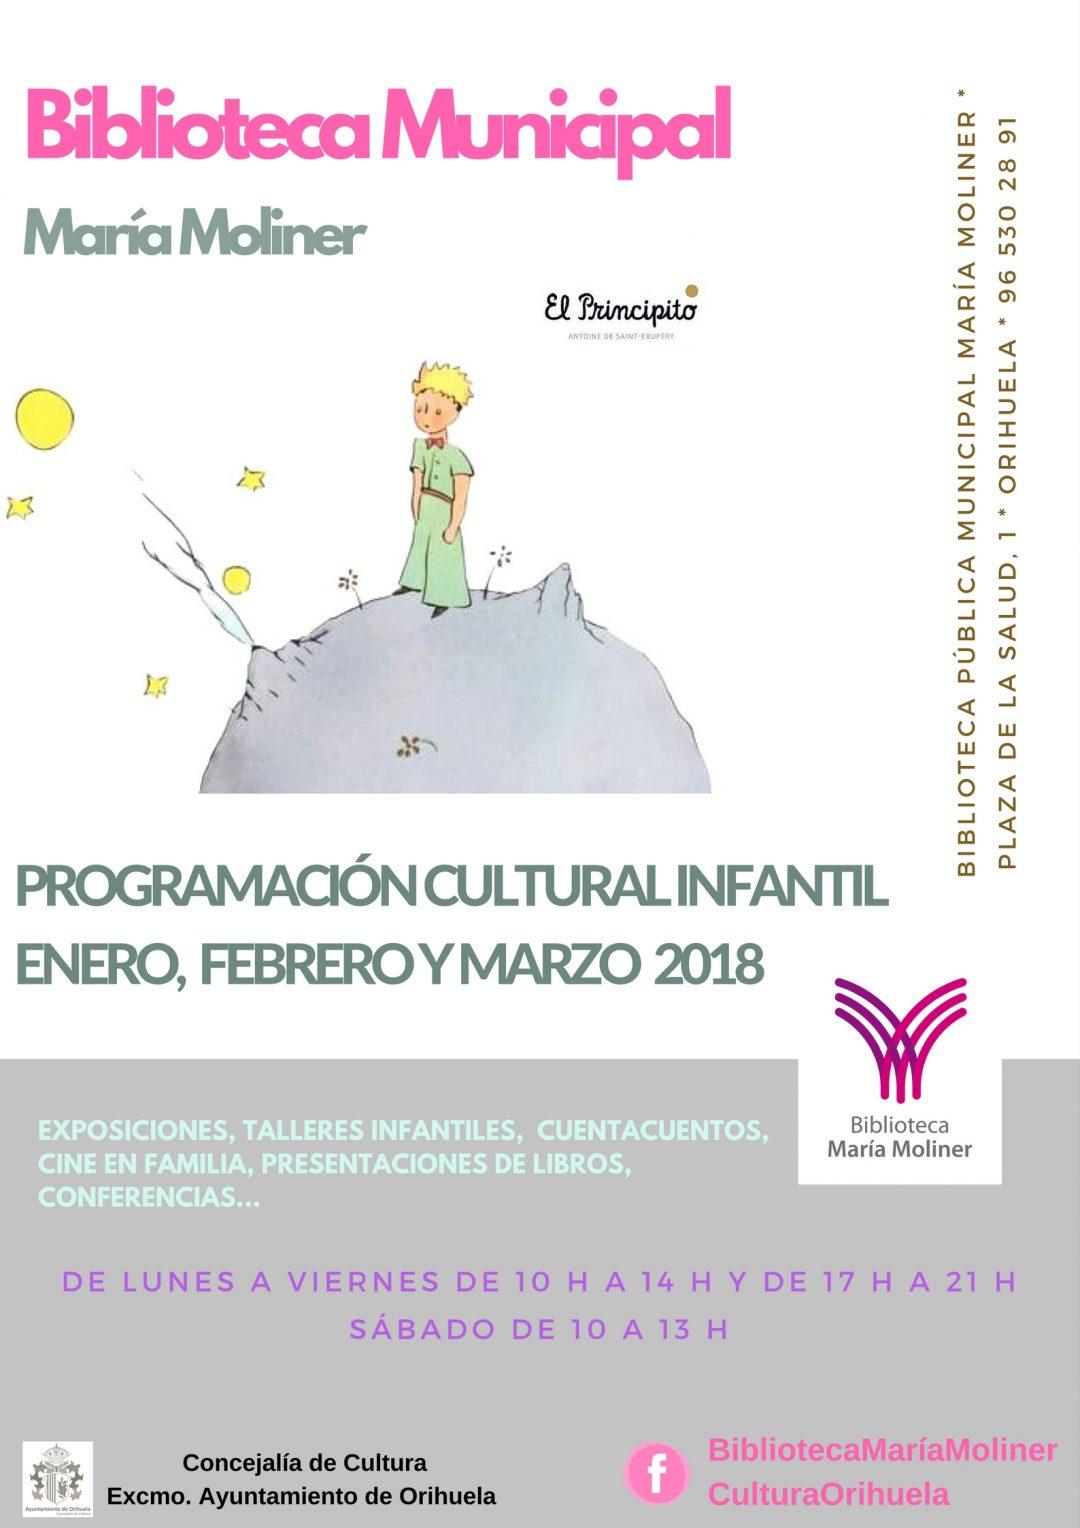 Programación Biblioteca María Moliner